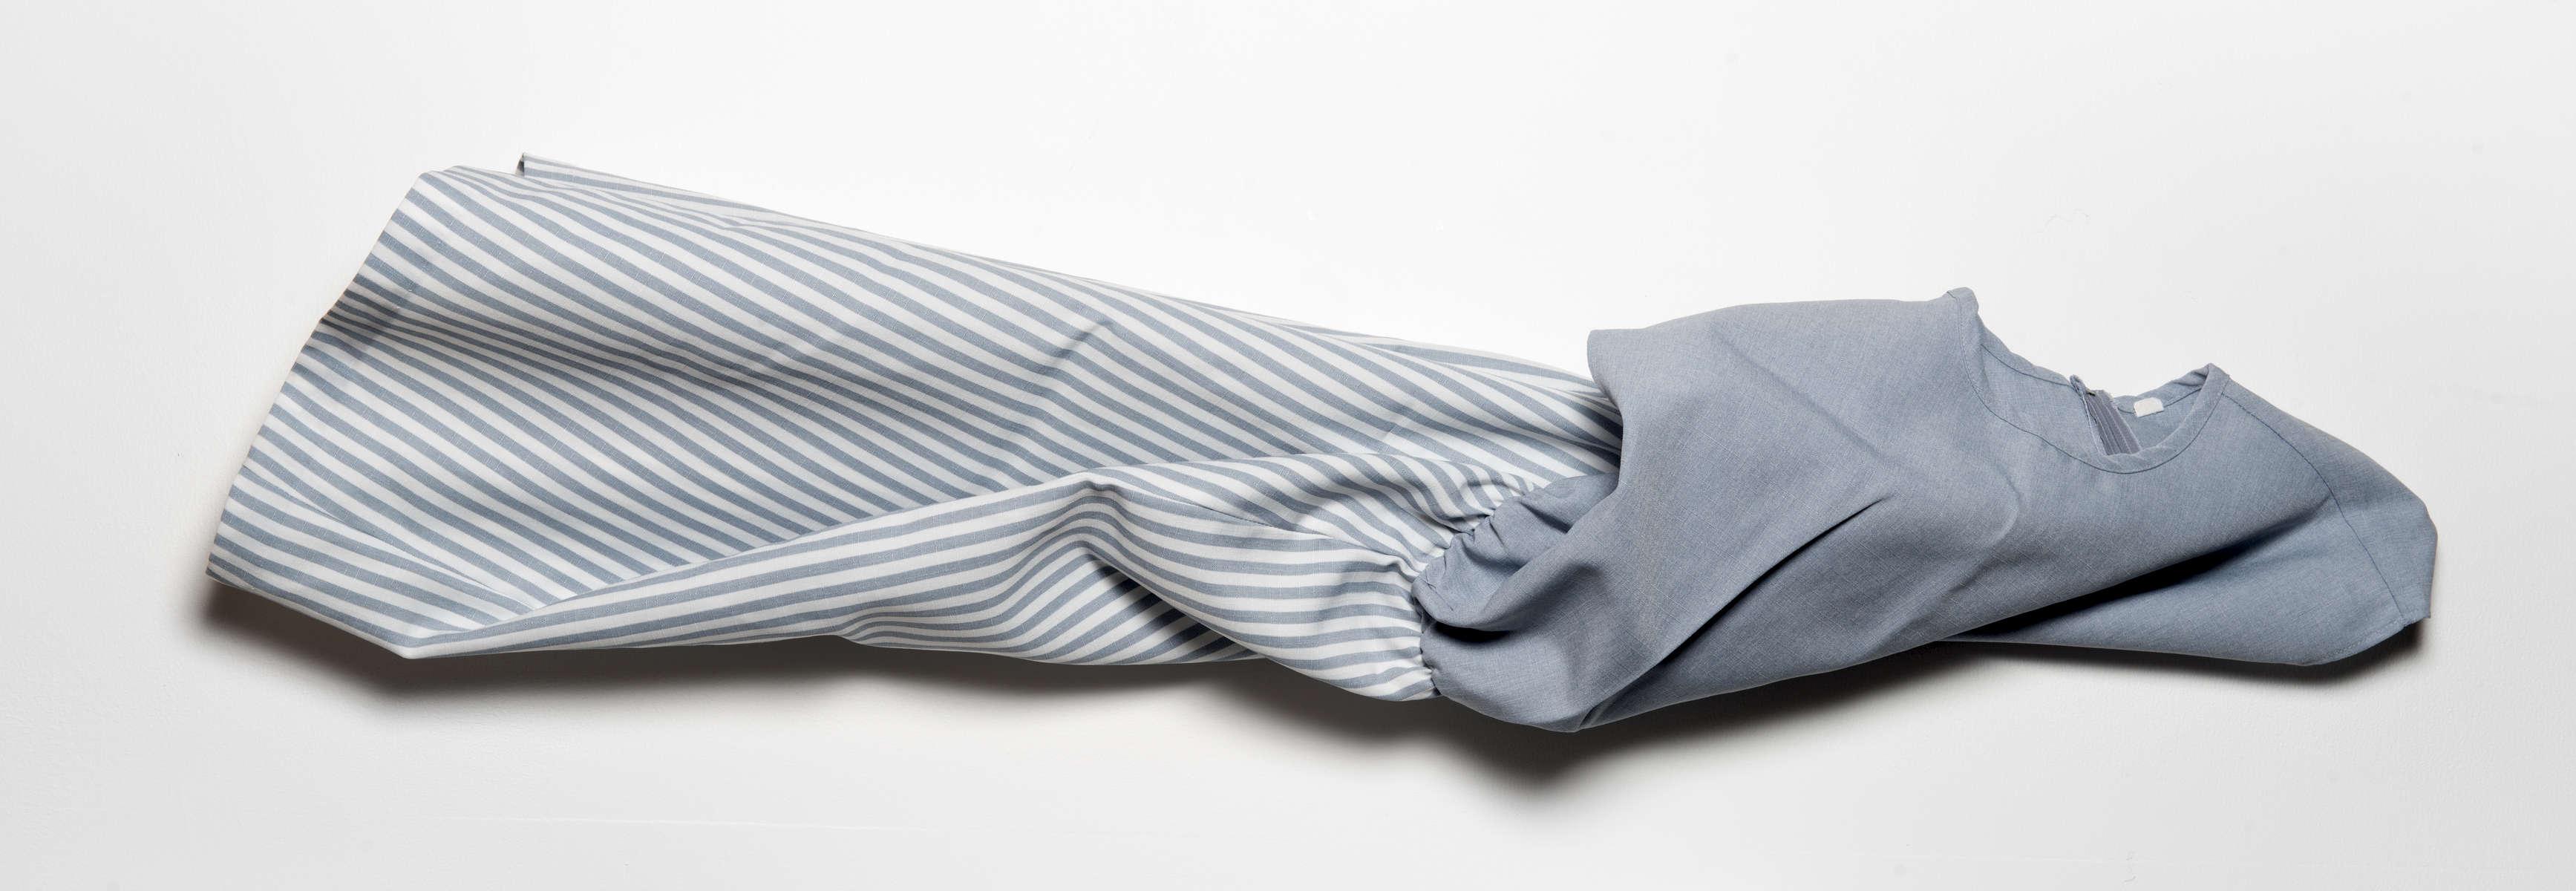 Lying-Down-Blue-Gray-Dress_7630